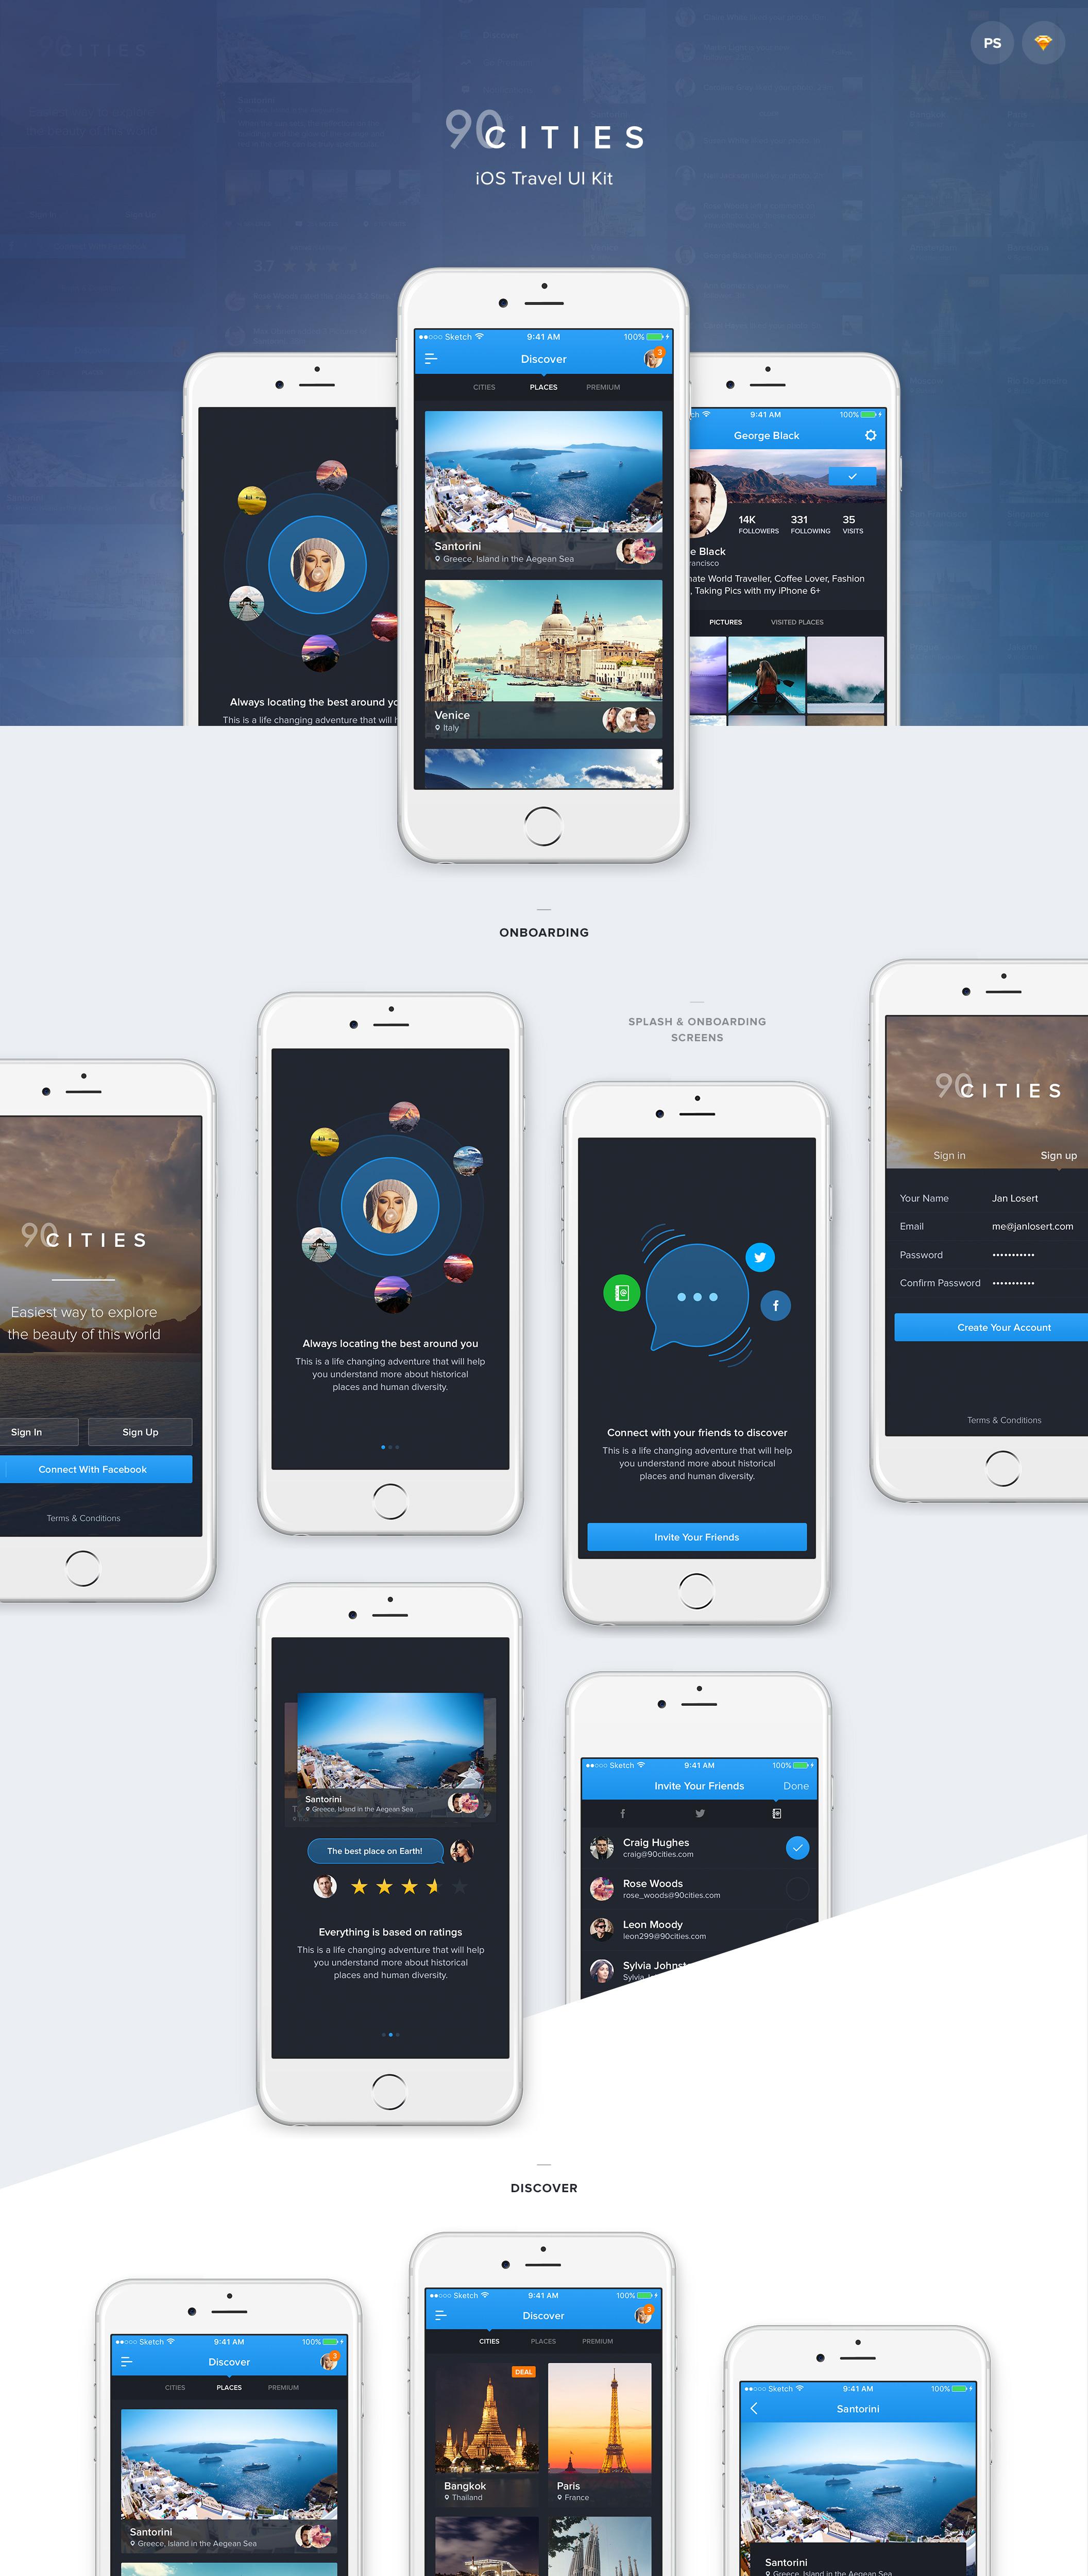 超级完整好看旅游类90Cities iOS APP UI界面设计 psd与sketch两种格式(会员专享) 主题包-第2张